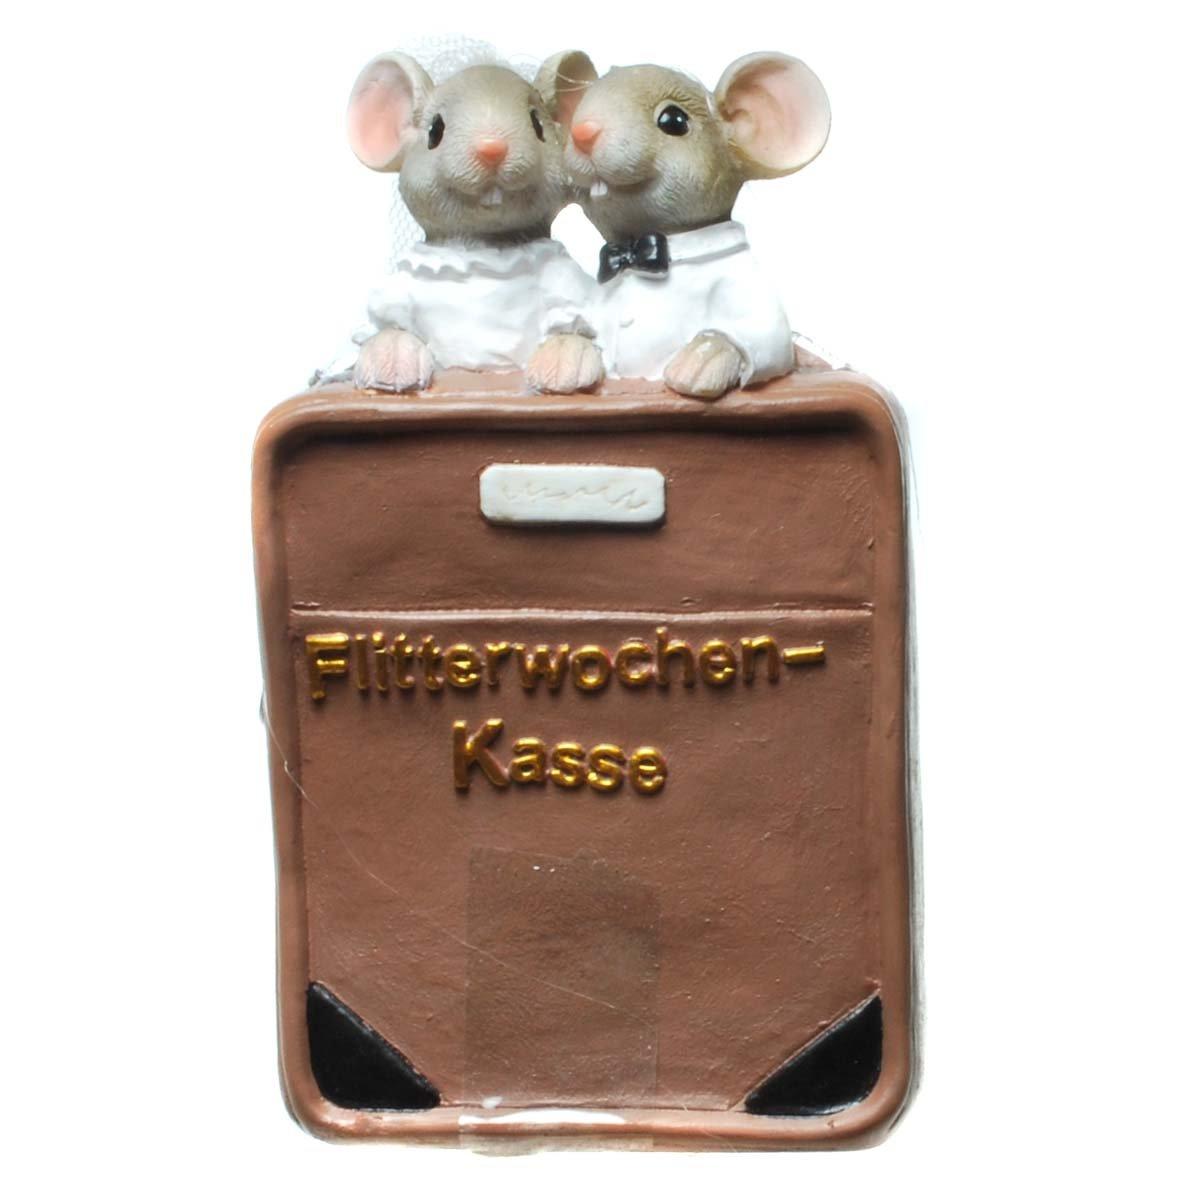 Hucha Honeymoon de caja registradora con Novios Ratones, pack de 1 unidad: Amazon.es: Electrónica